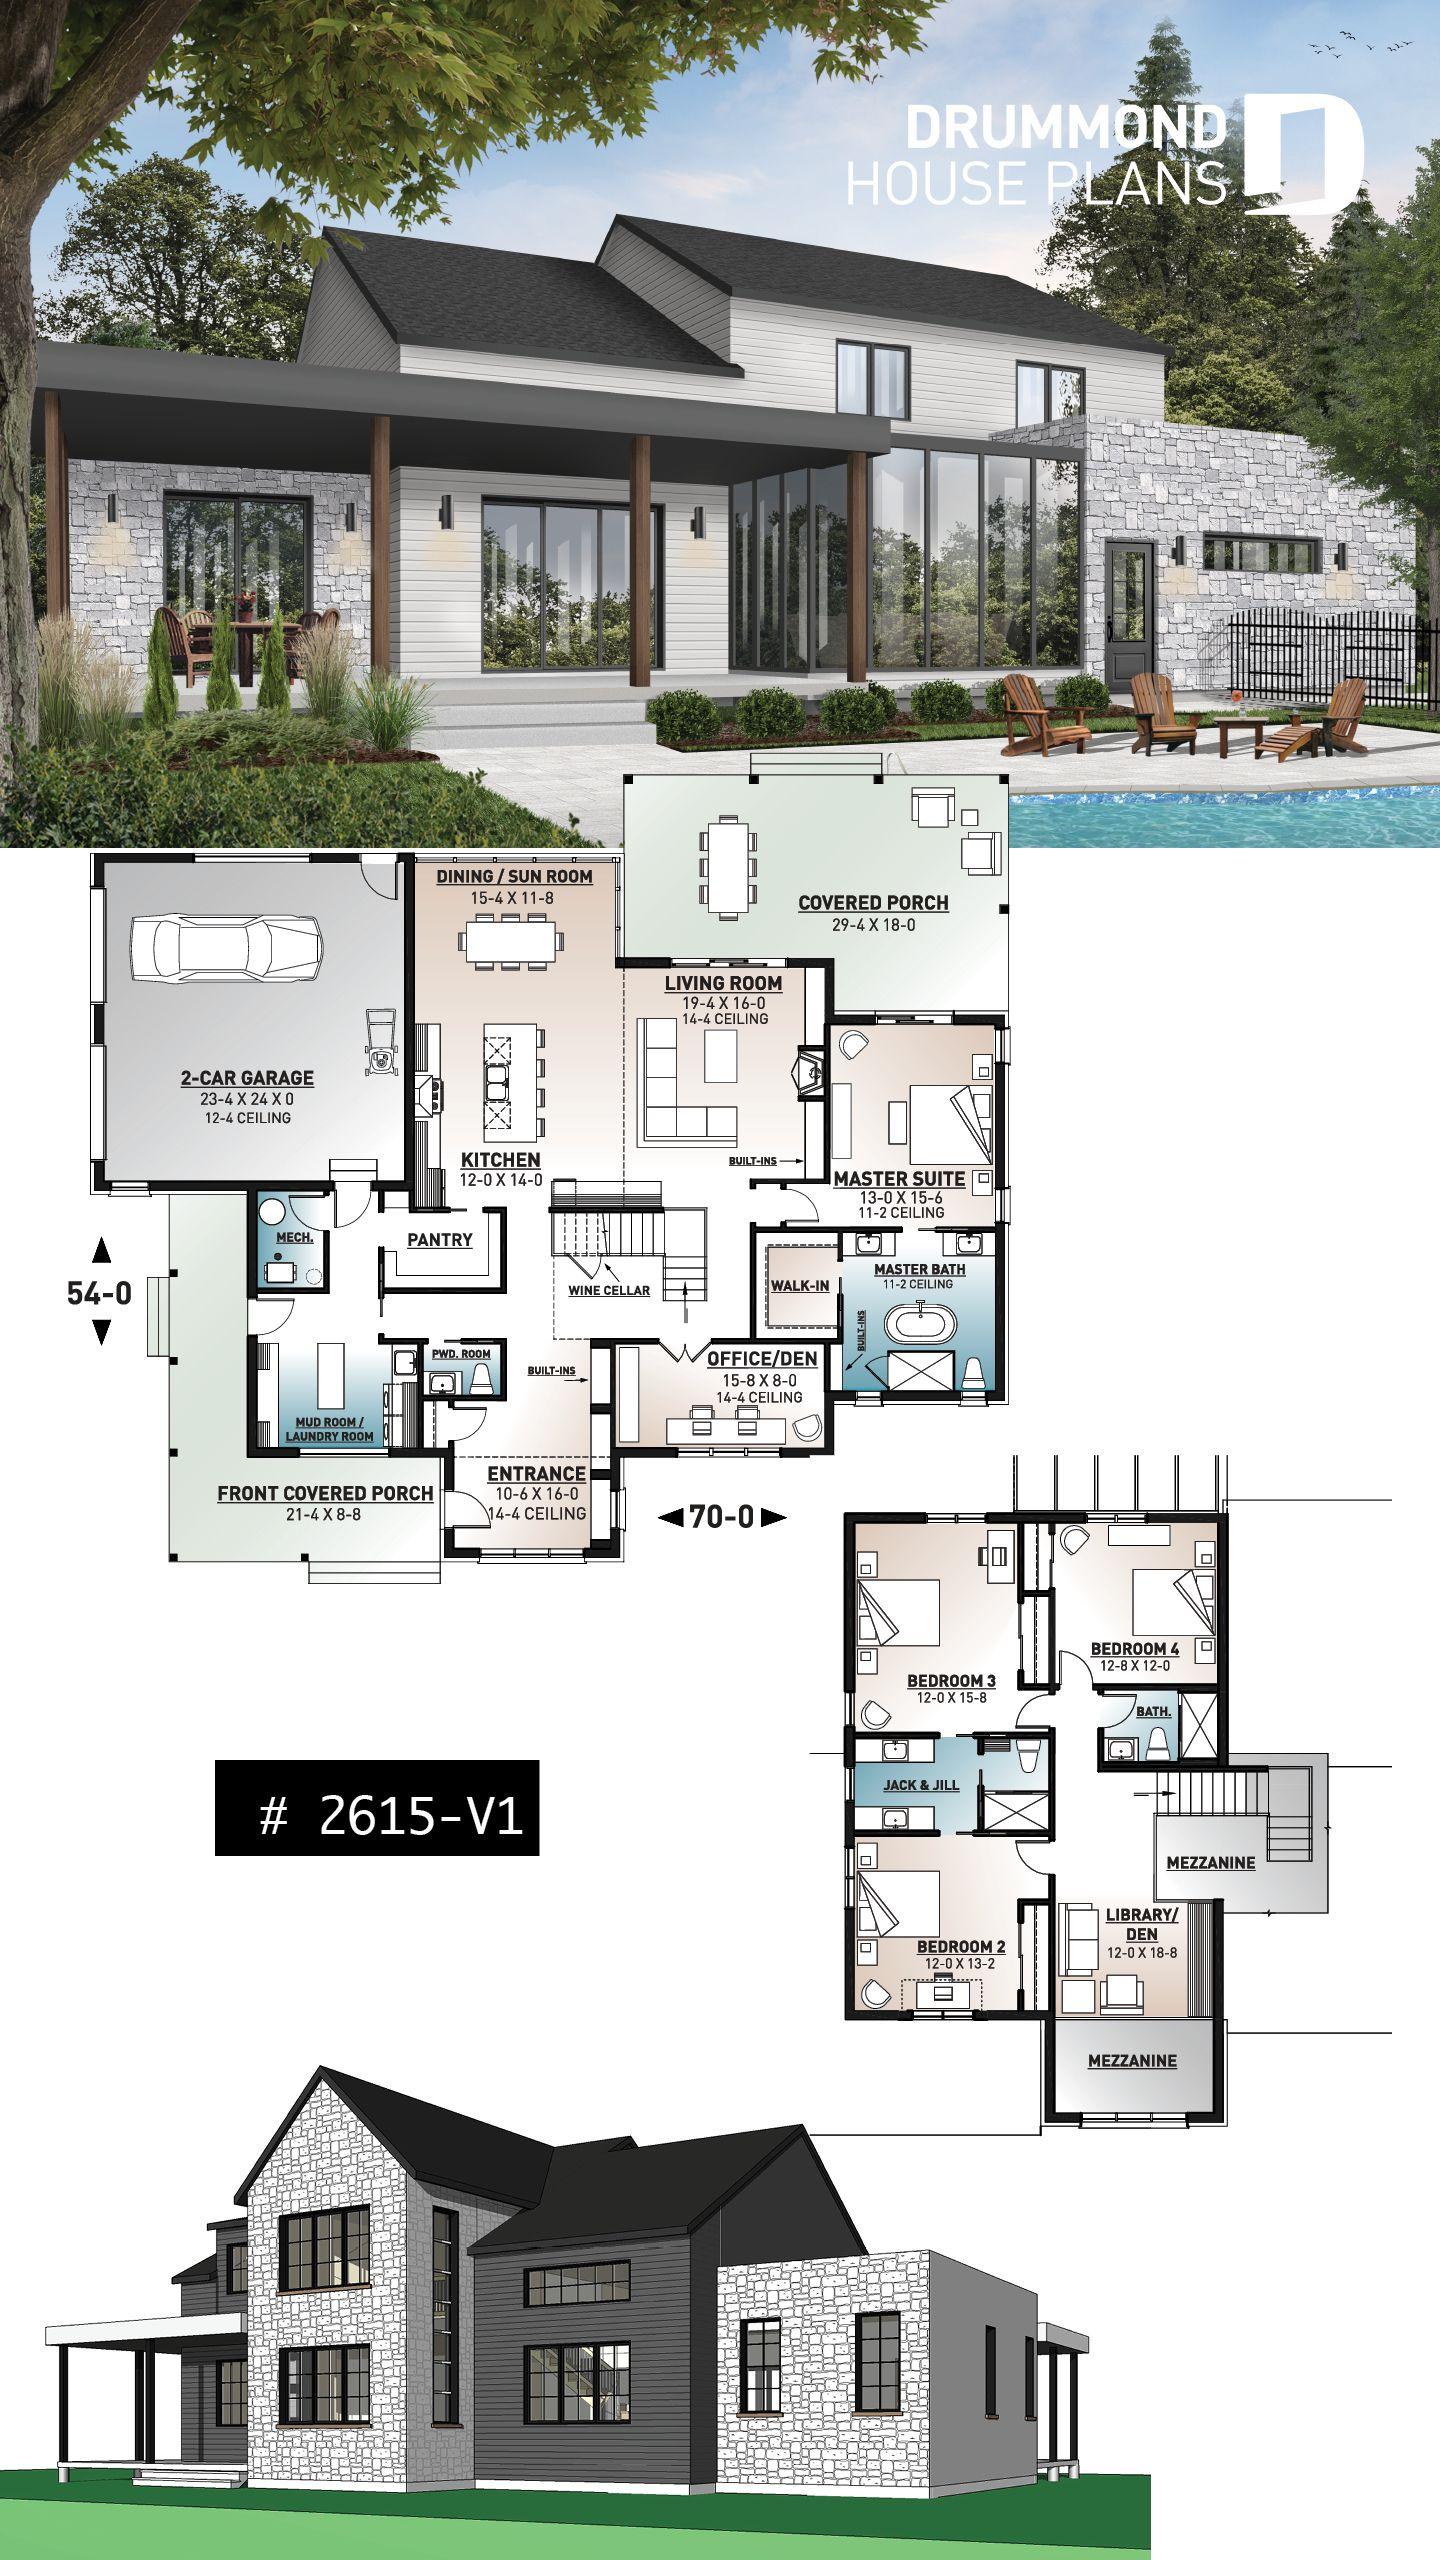 4 Bedroom 3 Bath Contemporary House Plans Evangelinterior